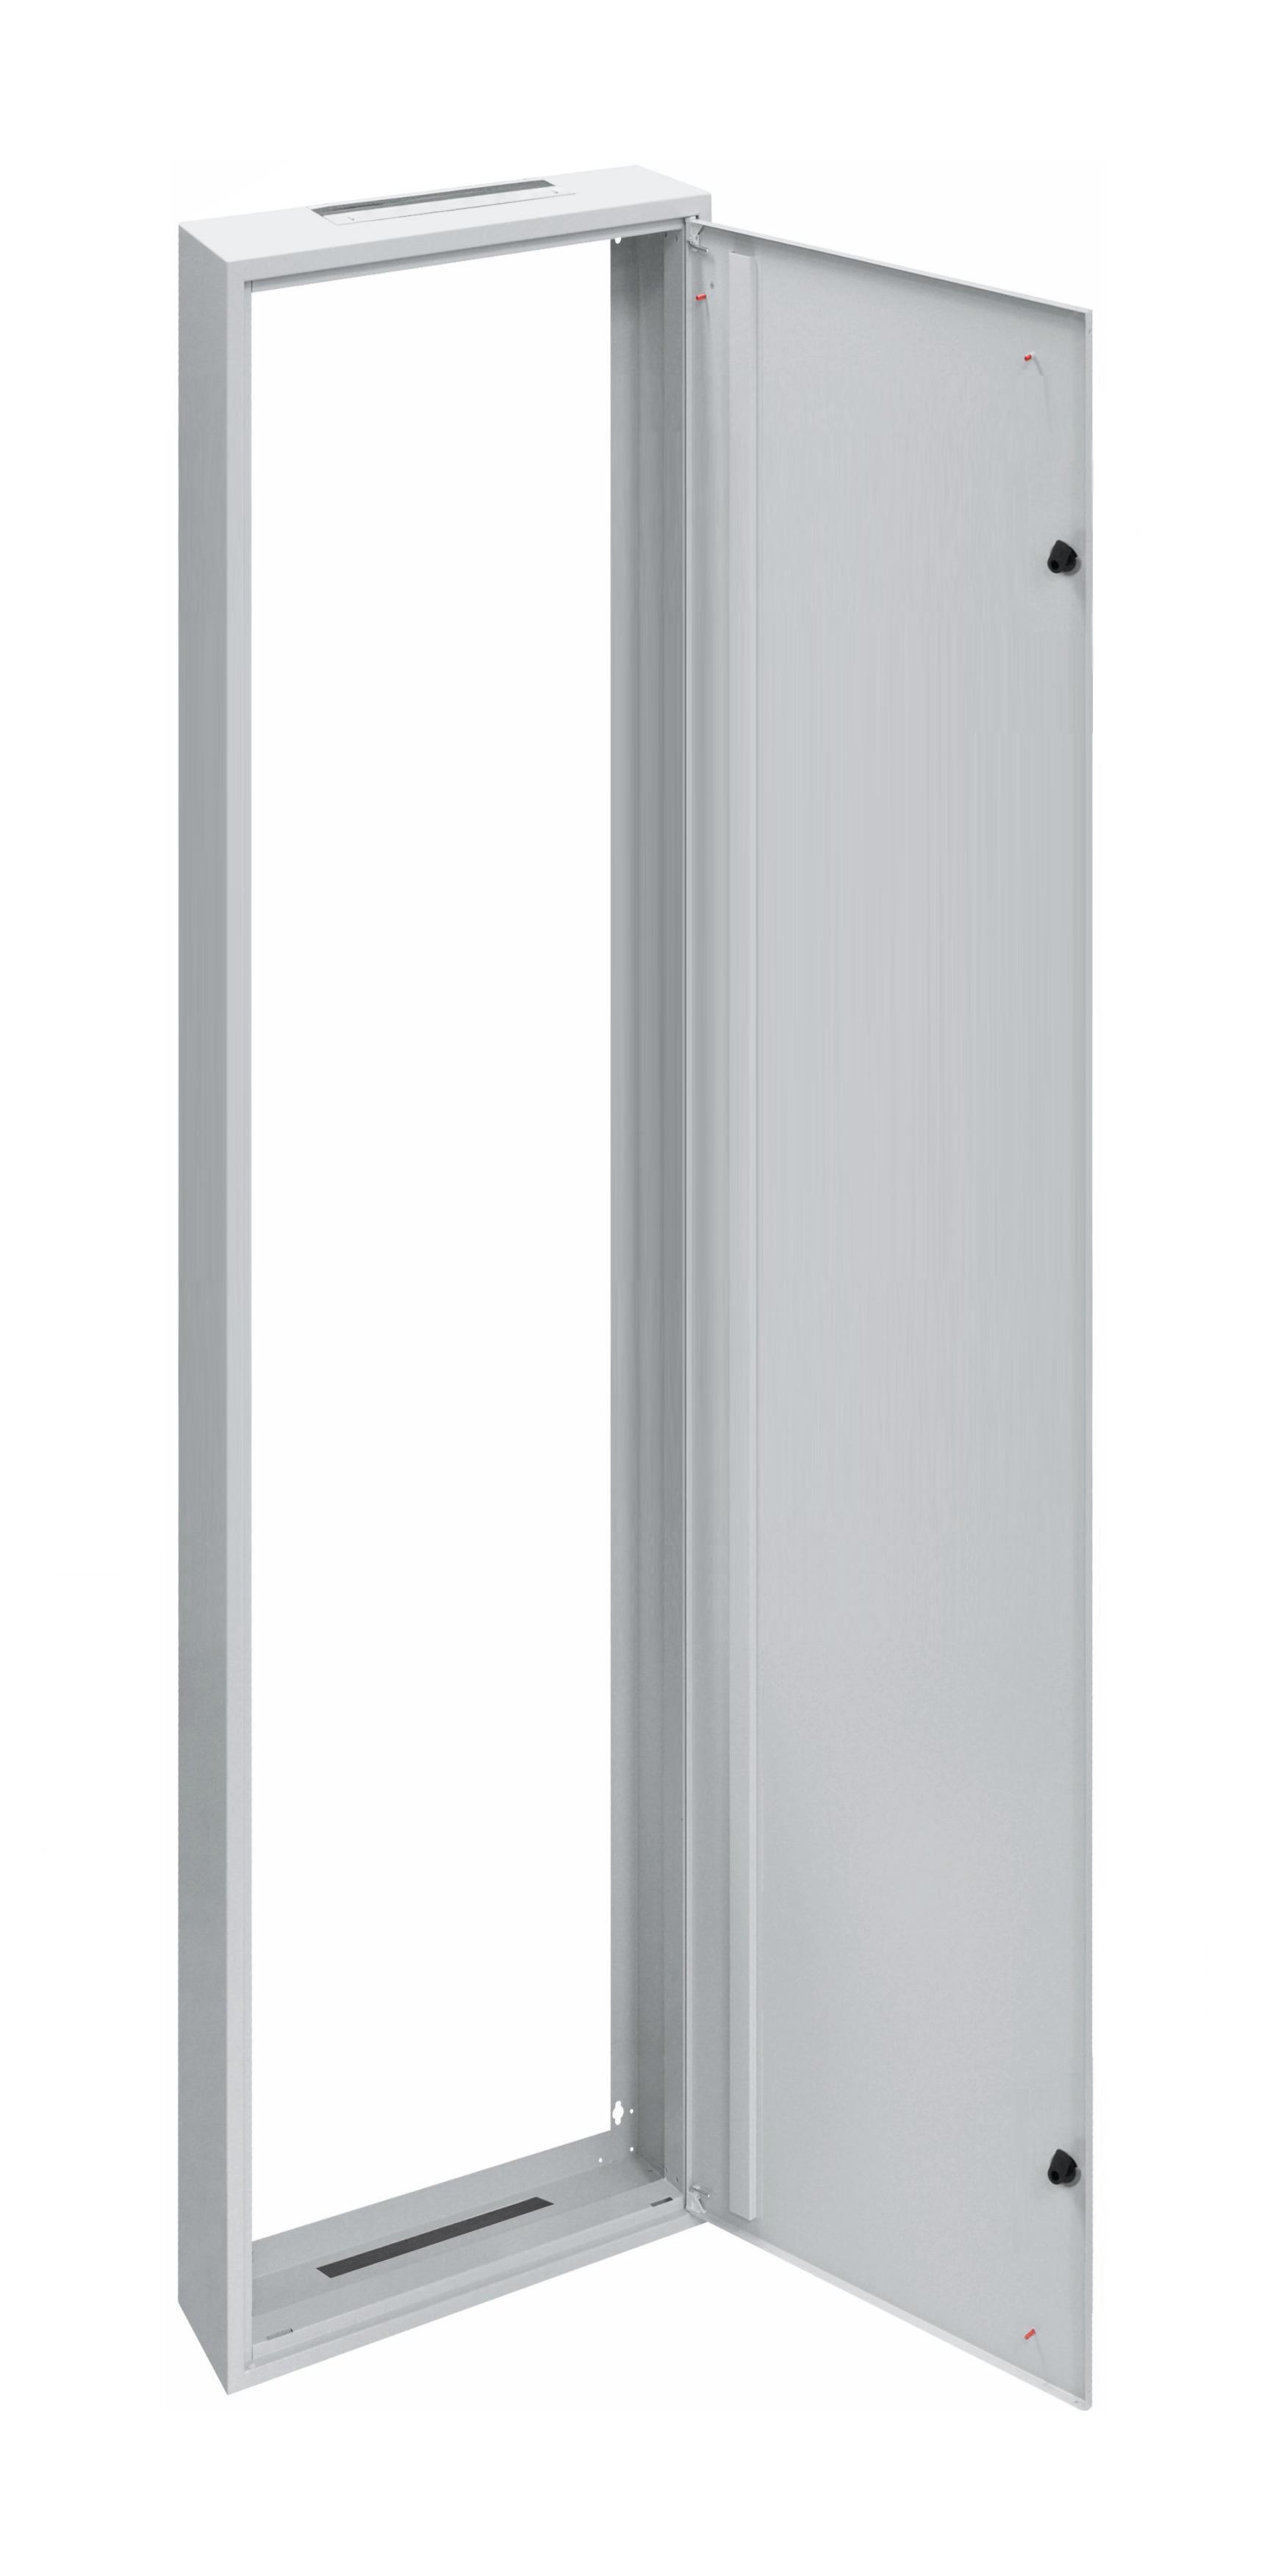 1 Stk Aufputz-Rahmen mit Türe 2A-45, H2160B590T250mm